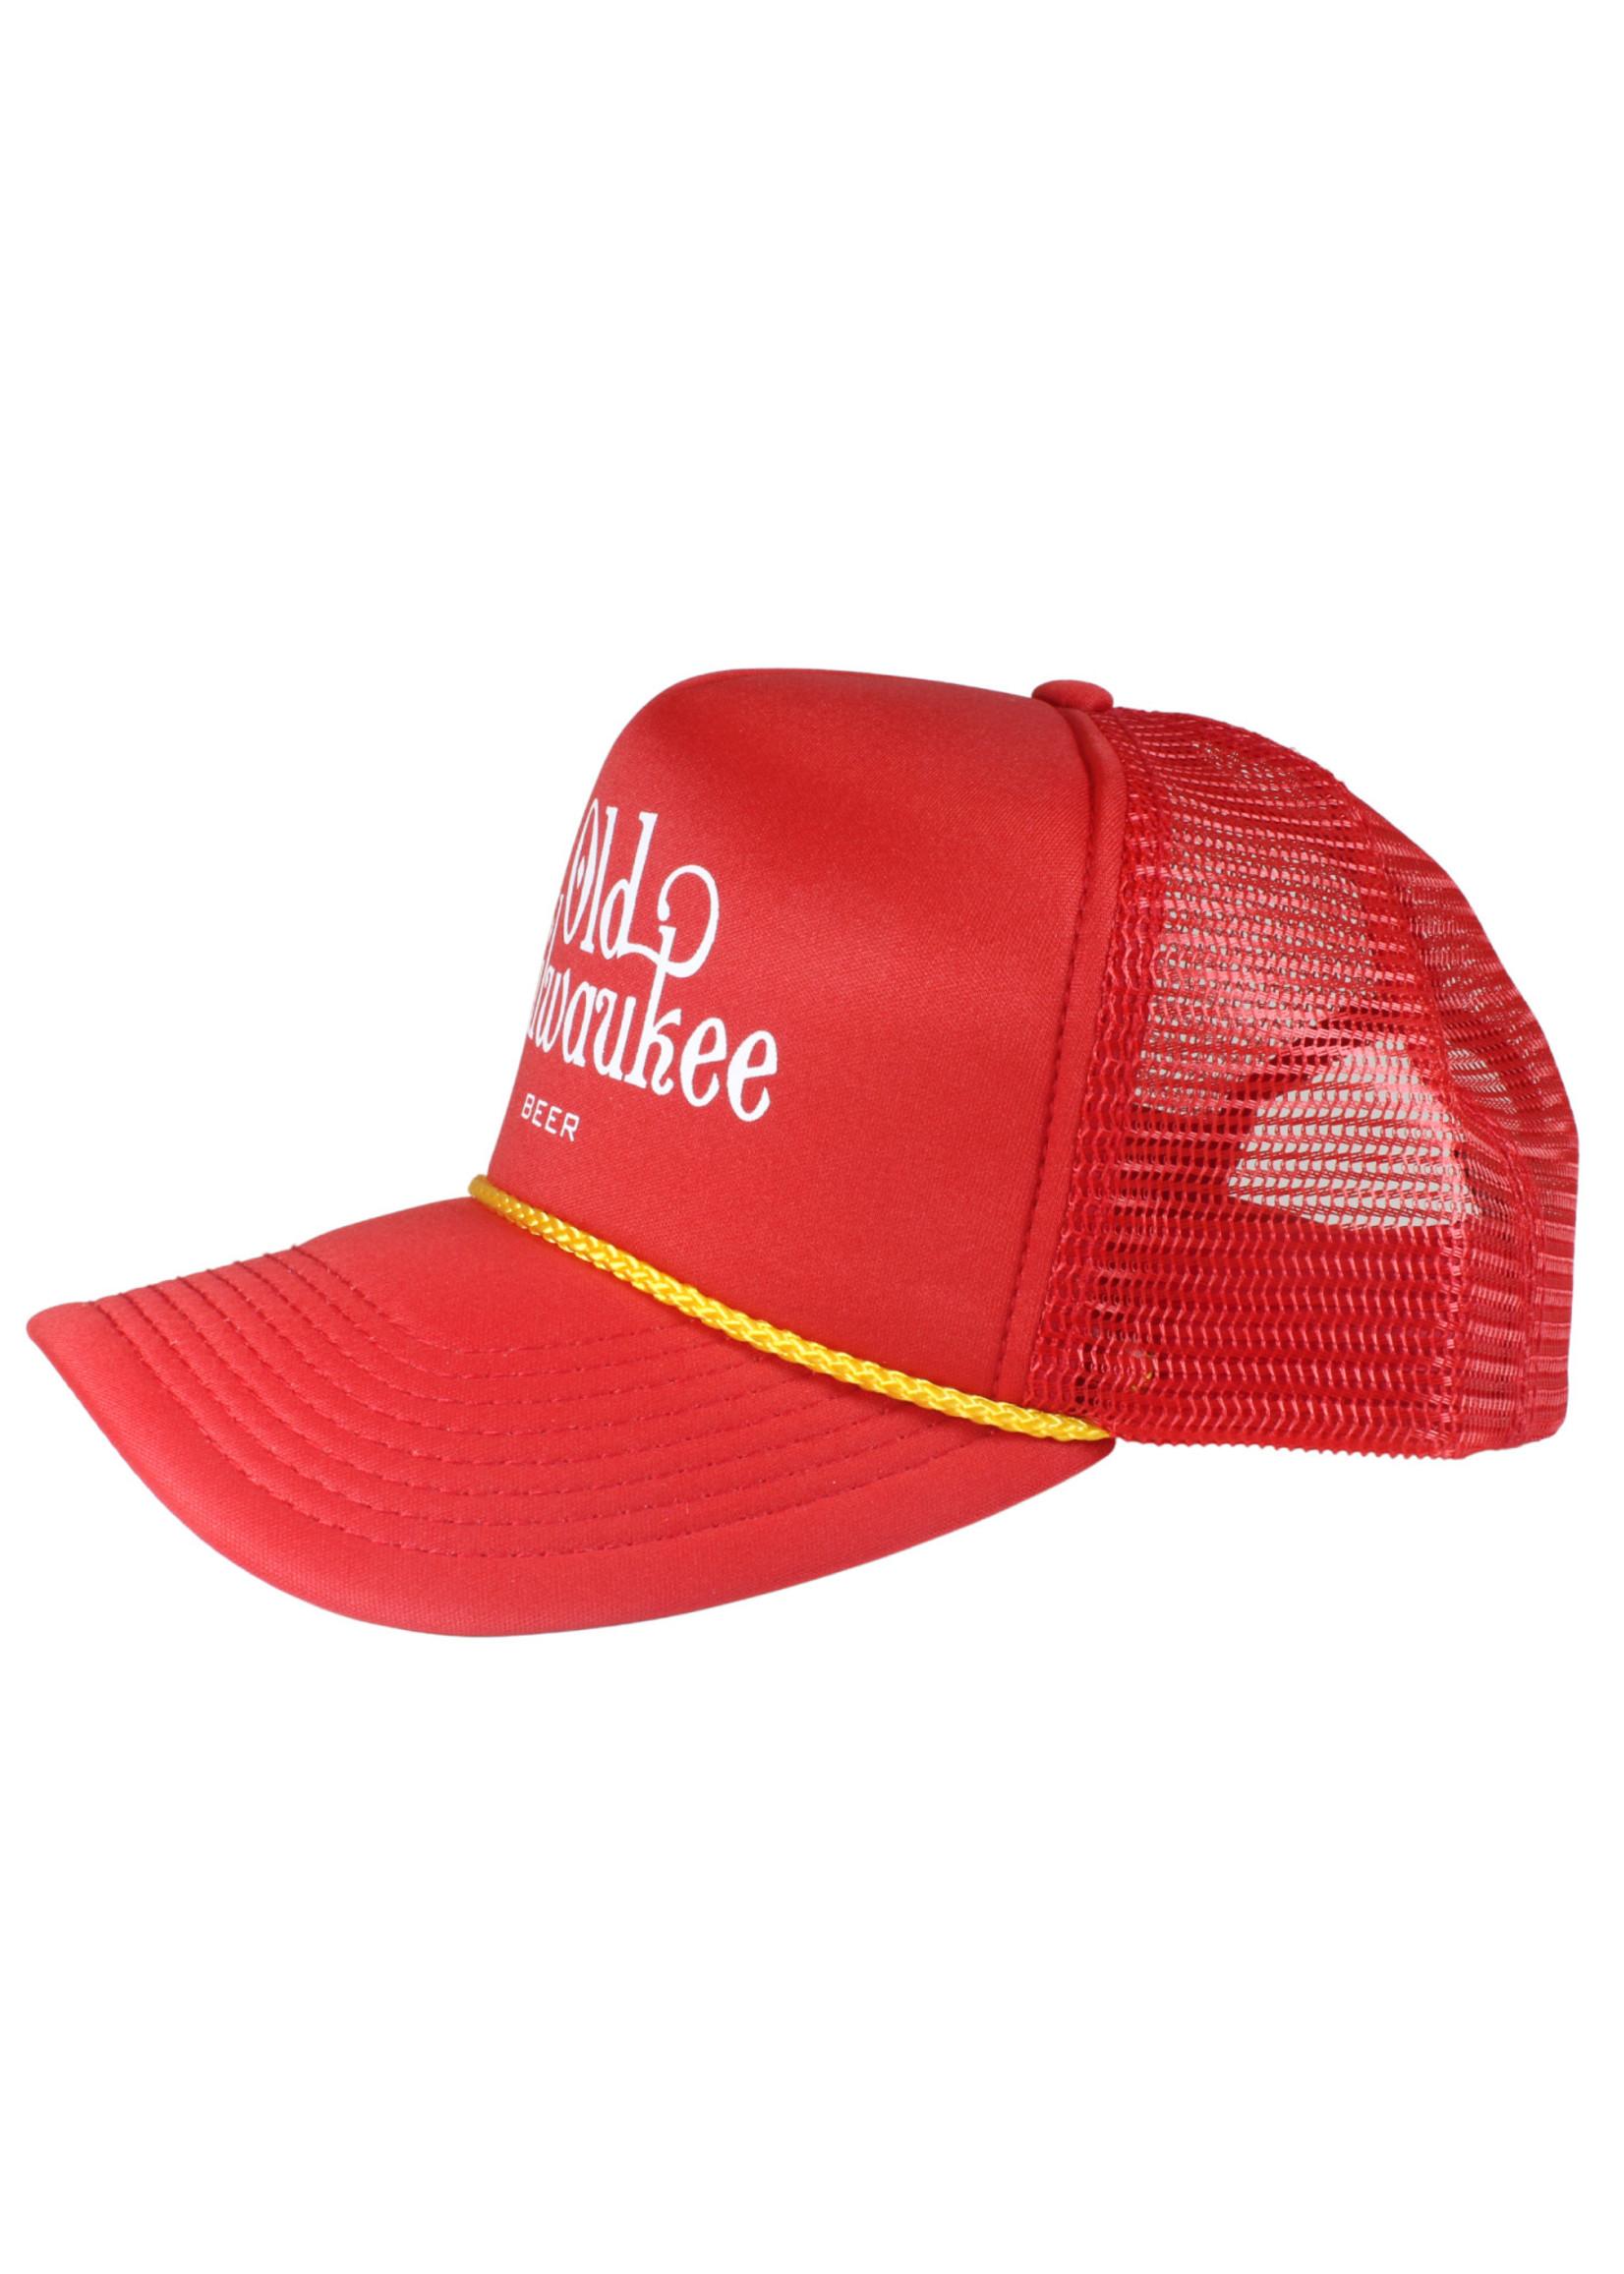 Old Milwaukee Old Milwaukee Red Trucker Hat